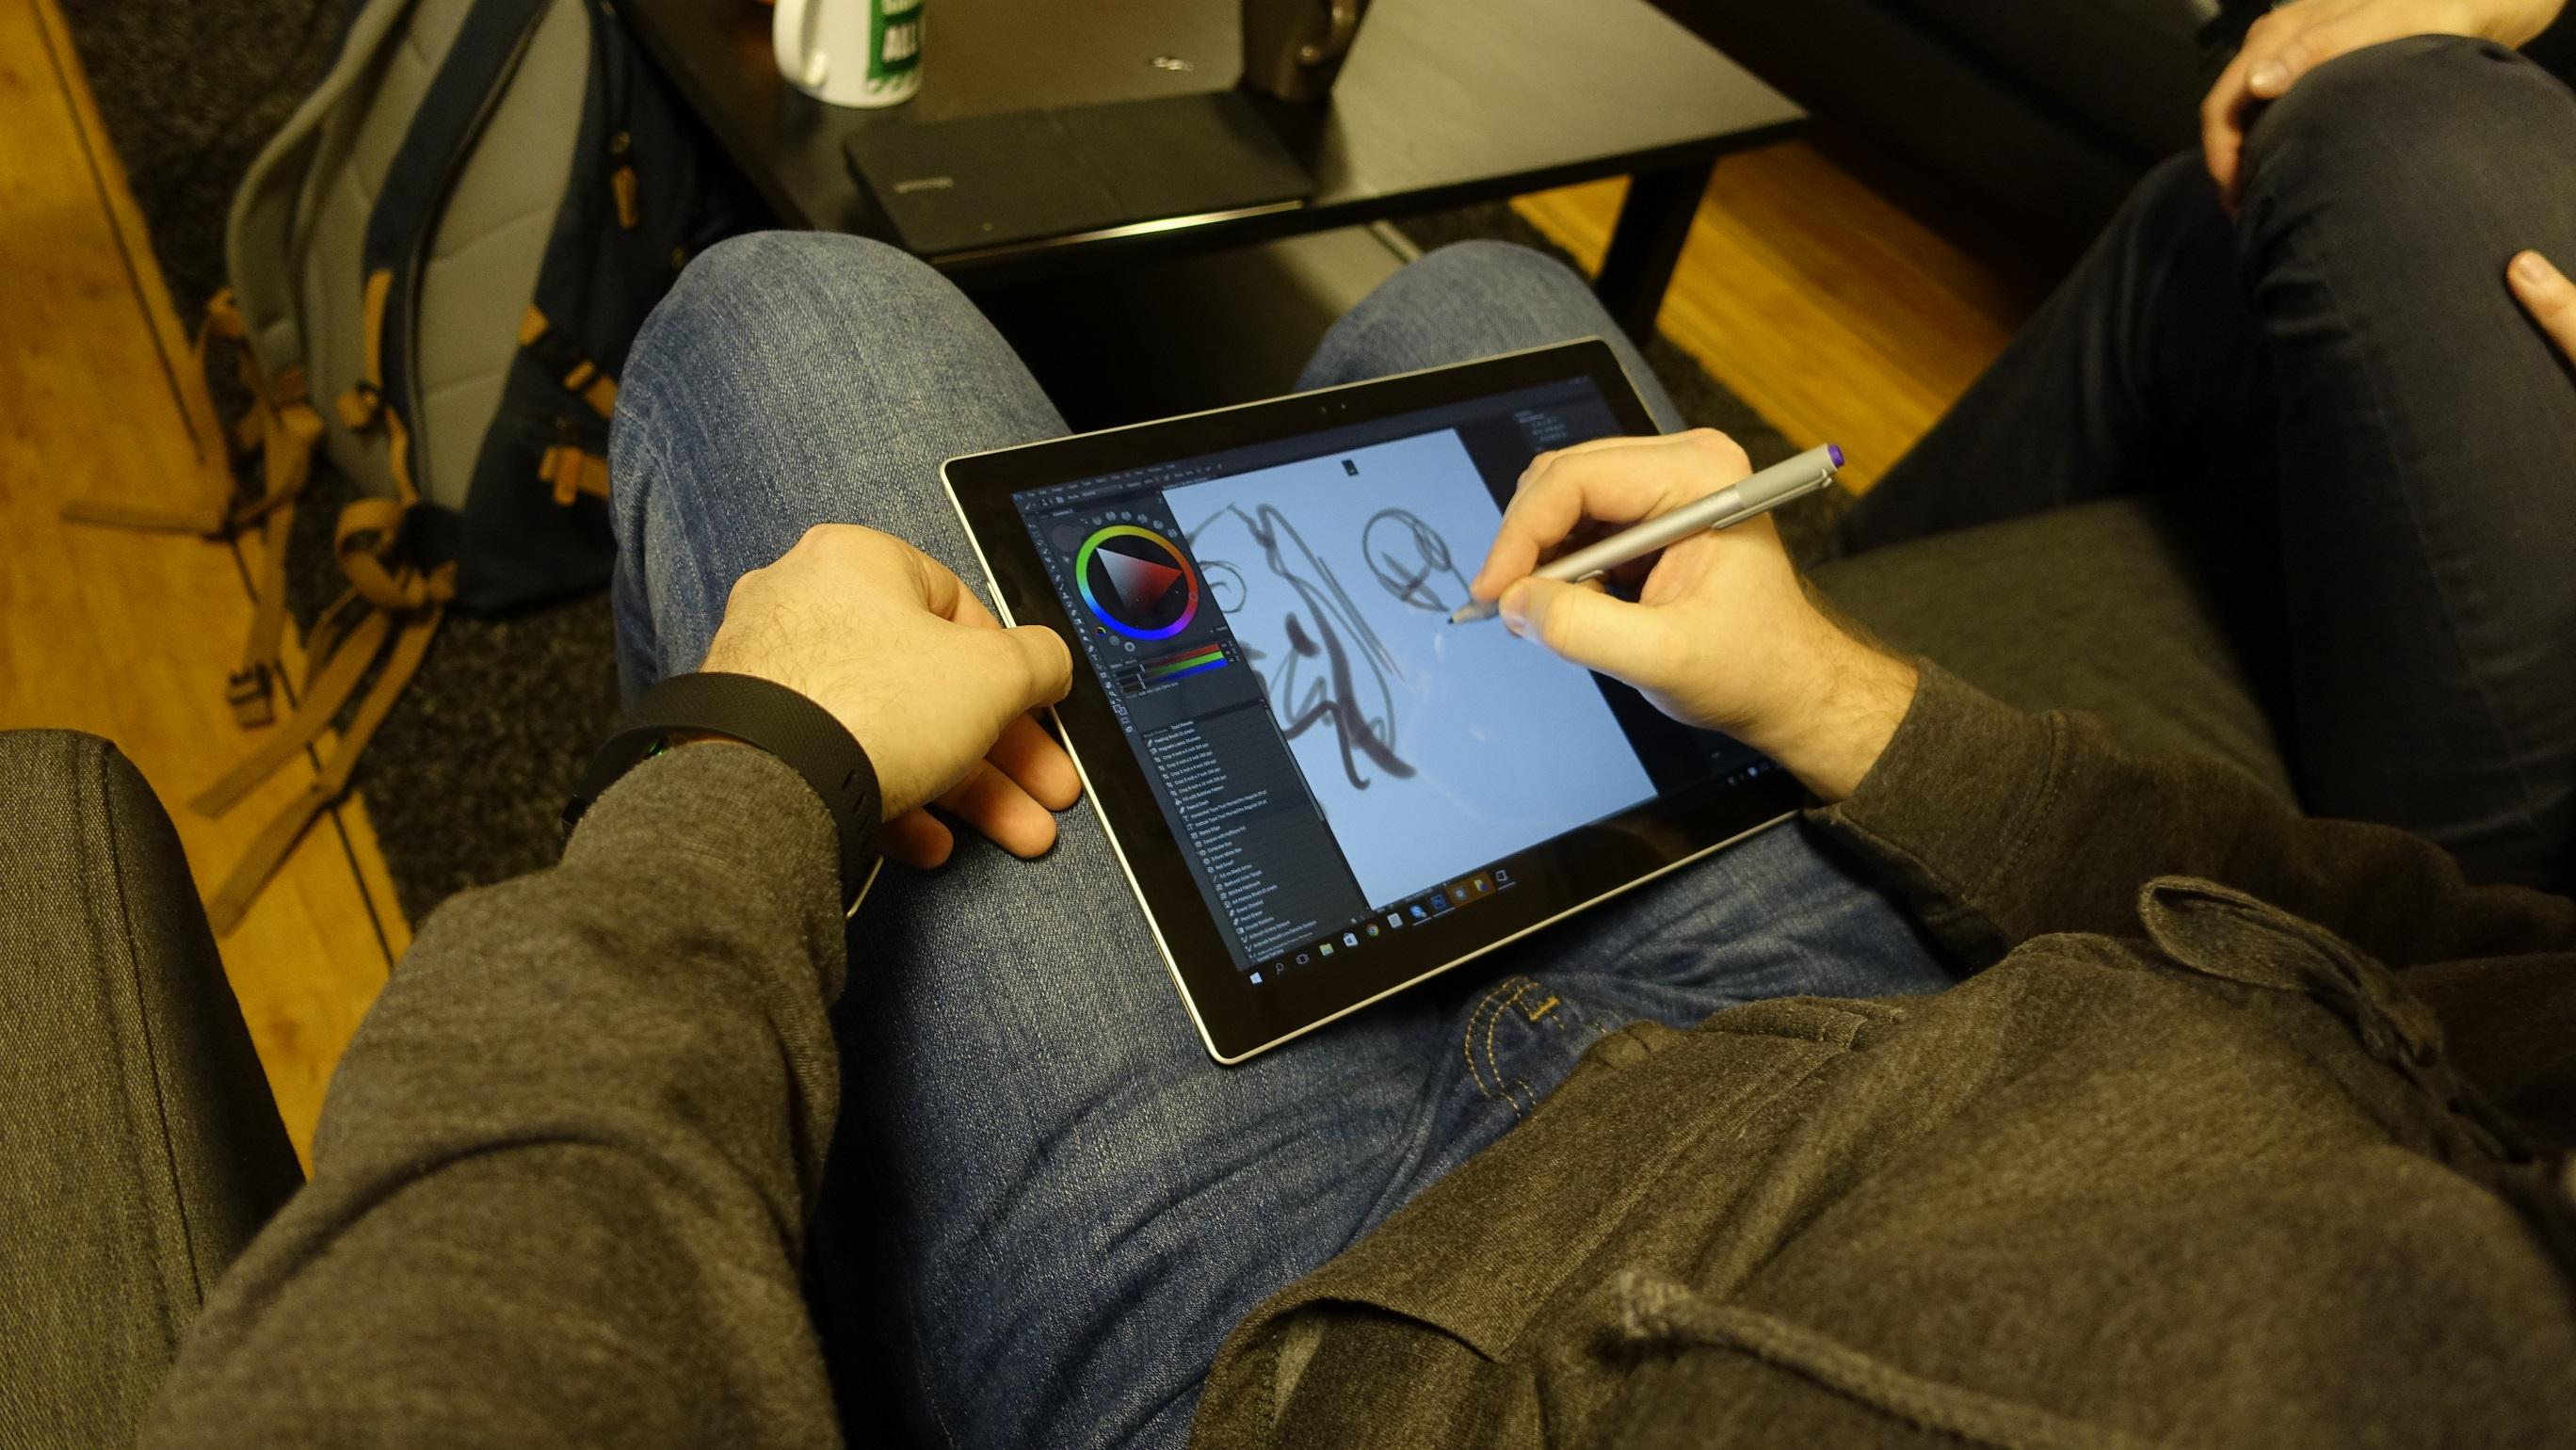 Vi rakk en aldri så liten uoffisiell test av Surface Pro 3 og Surface pen også.